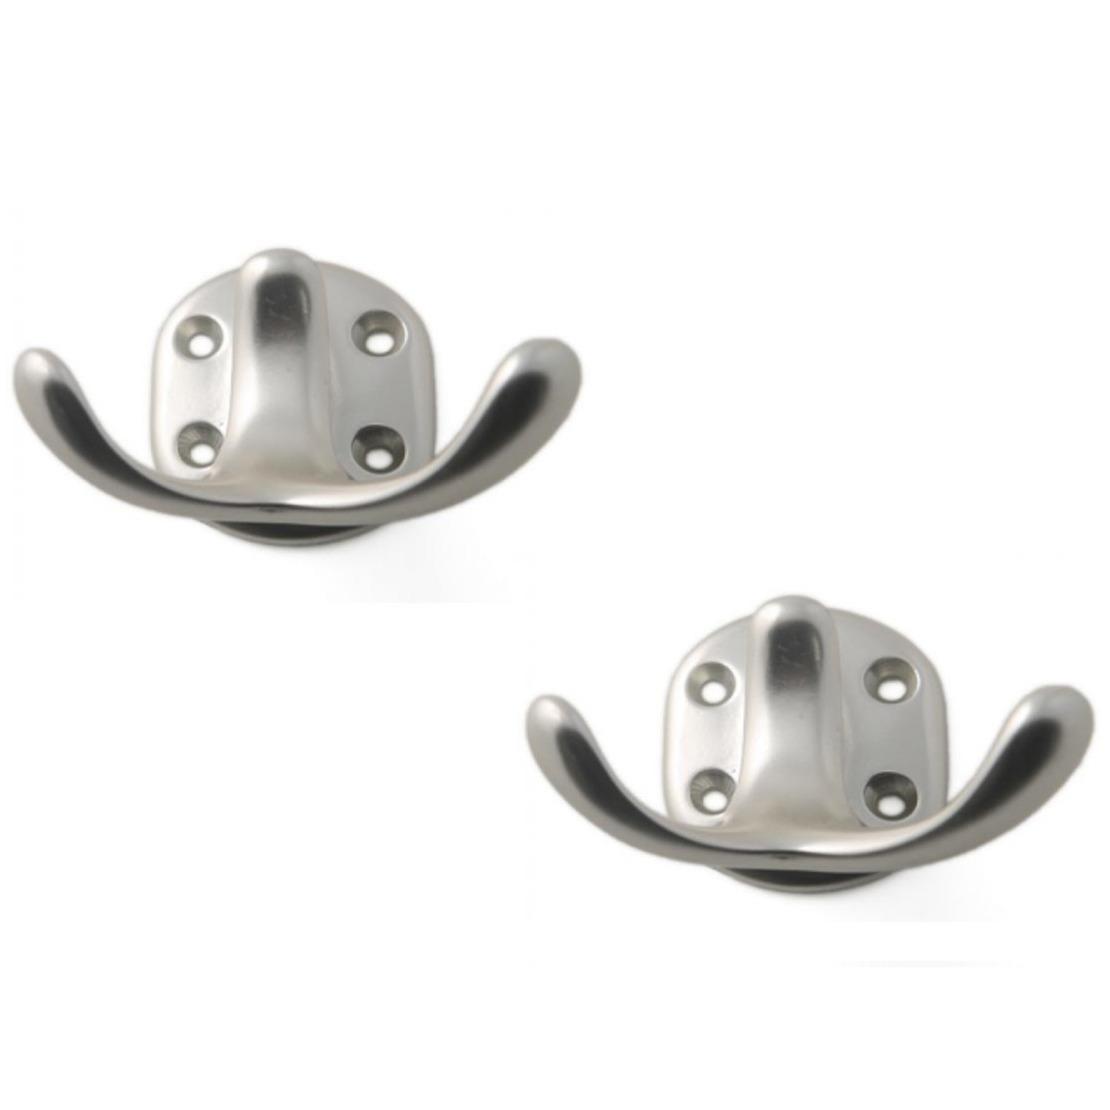 3x Zilverkleurig antieke garderobe haakjes-jashaken-kapstokhaakjes aluminium dubbele haak 5 x 7 cm